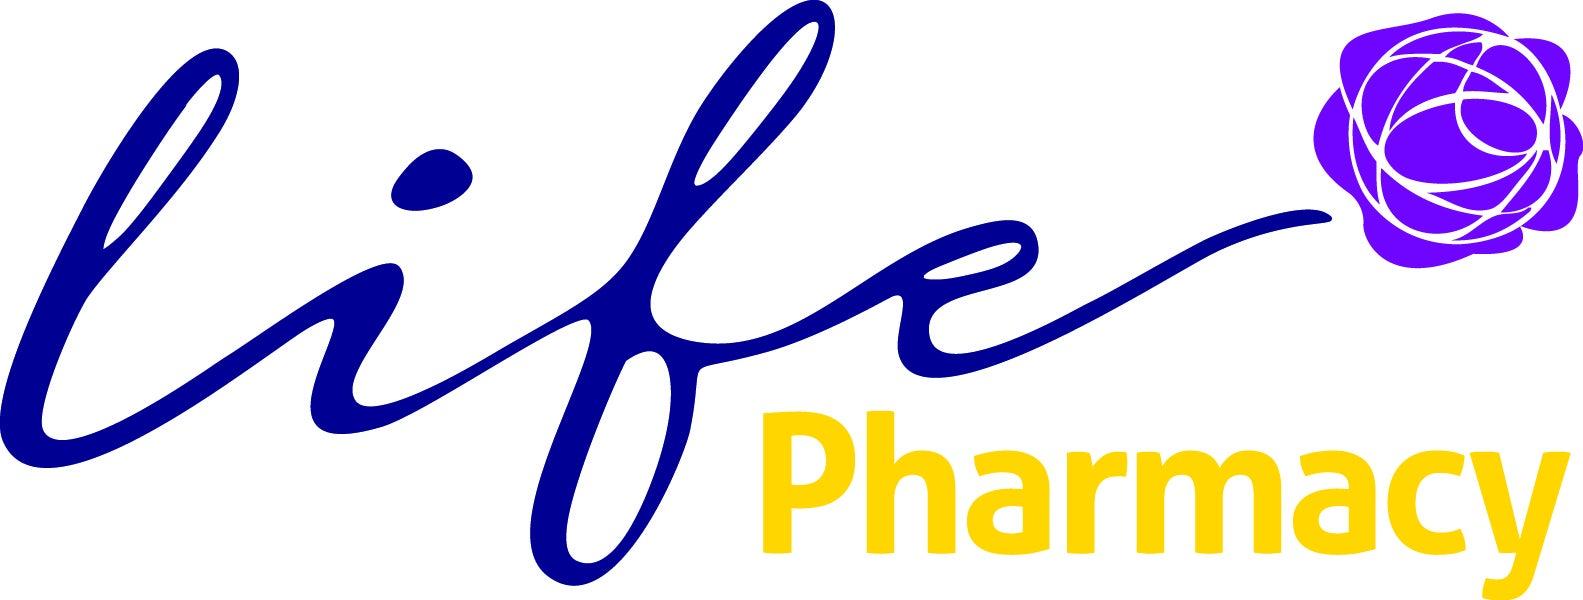 Life Pharmacy logo